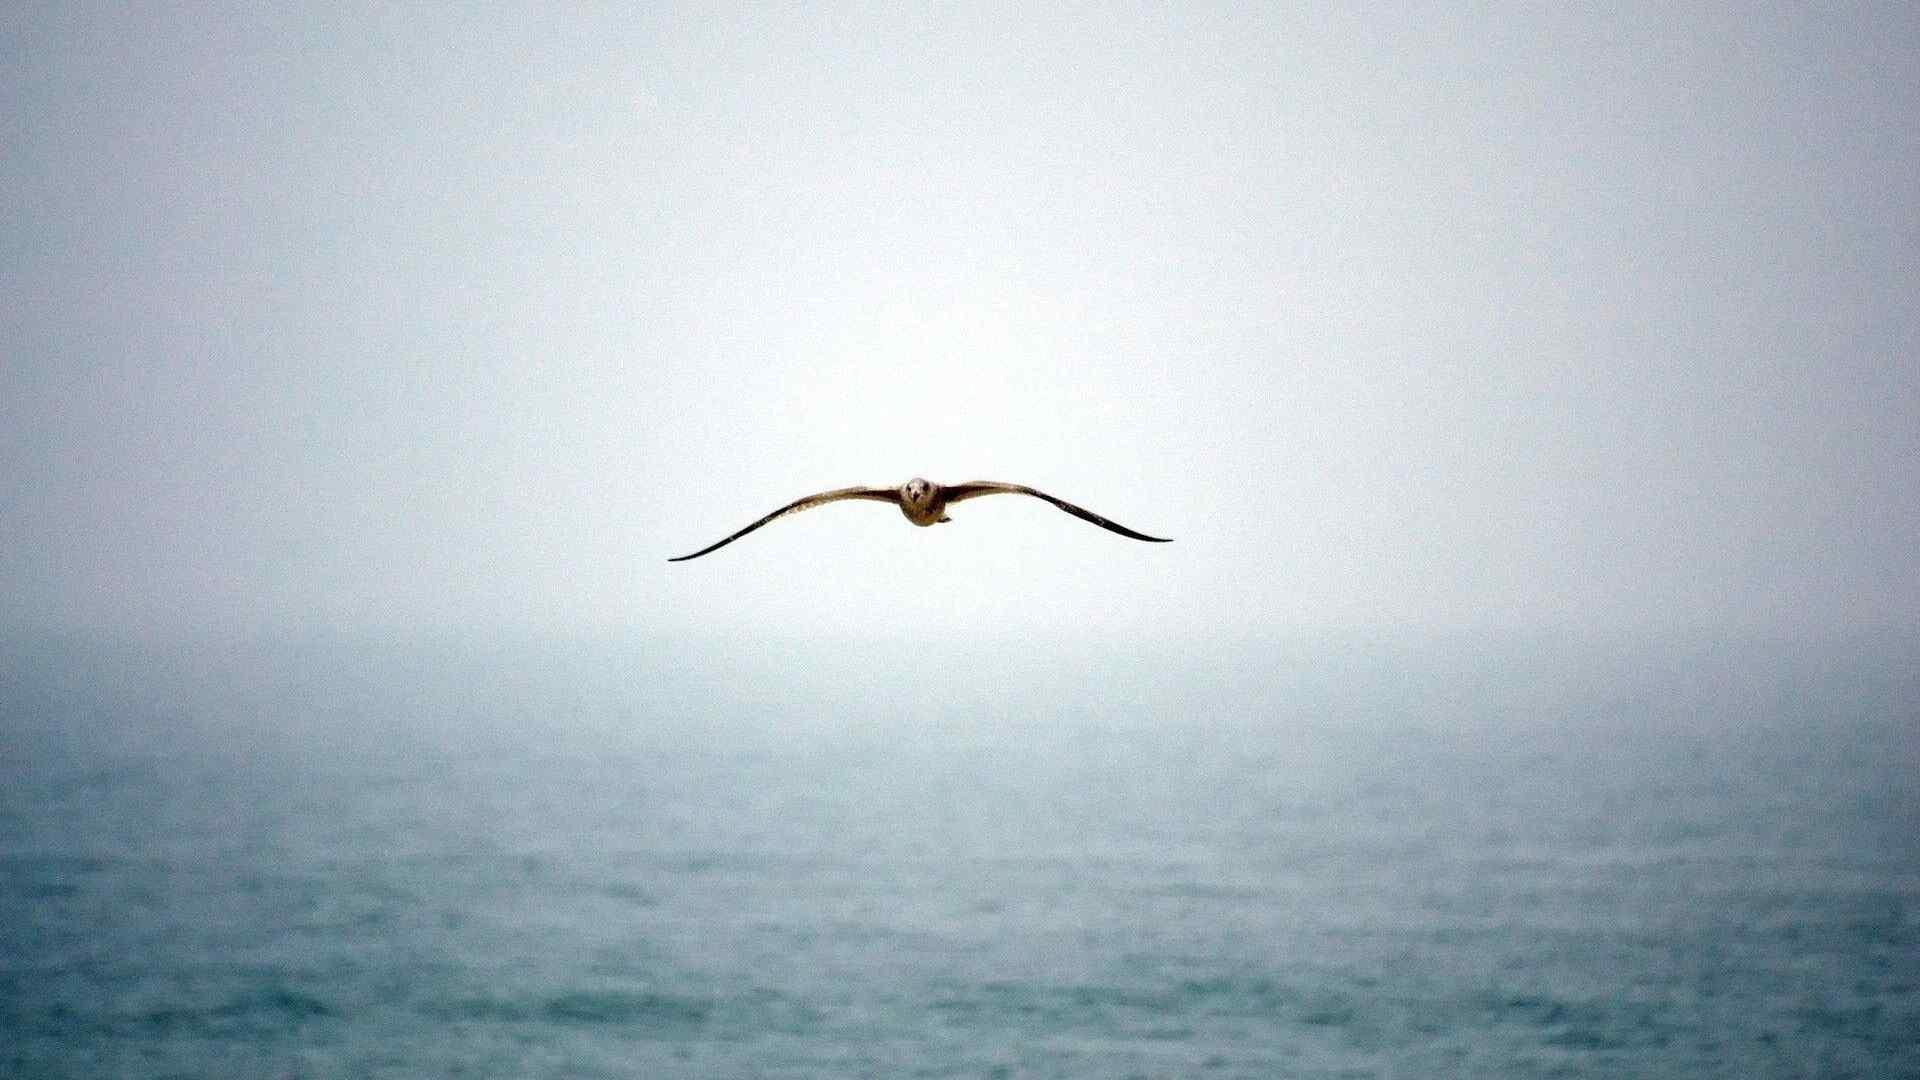 翱翔海鸥电脑壁纸